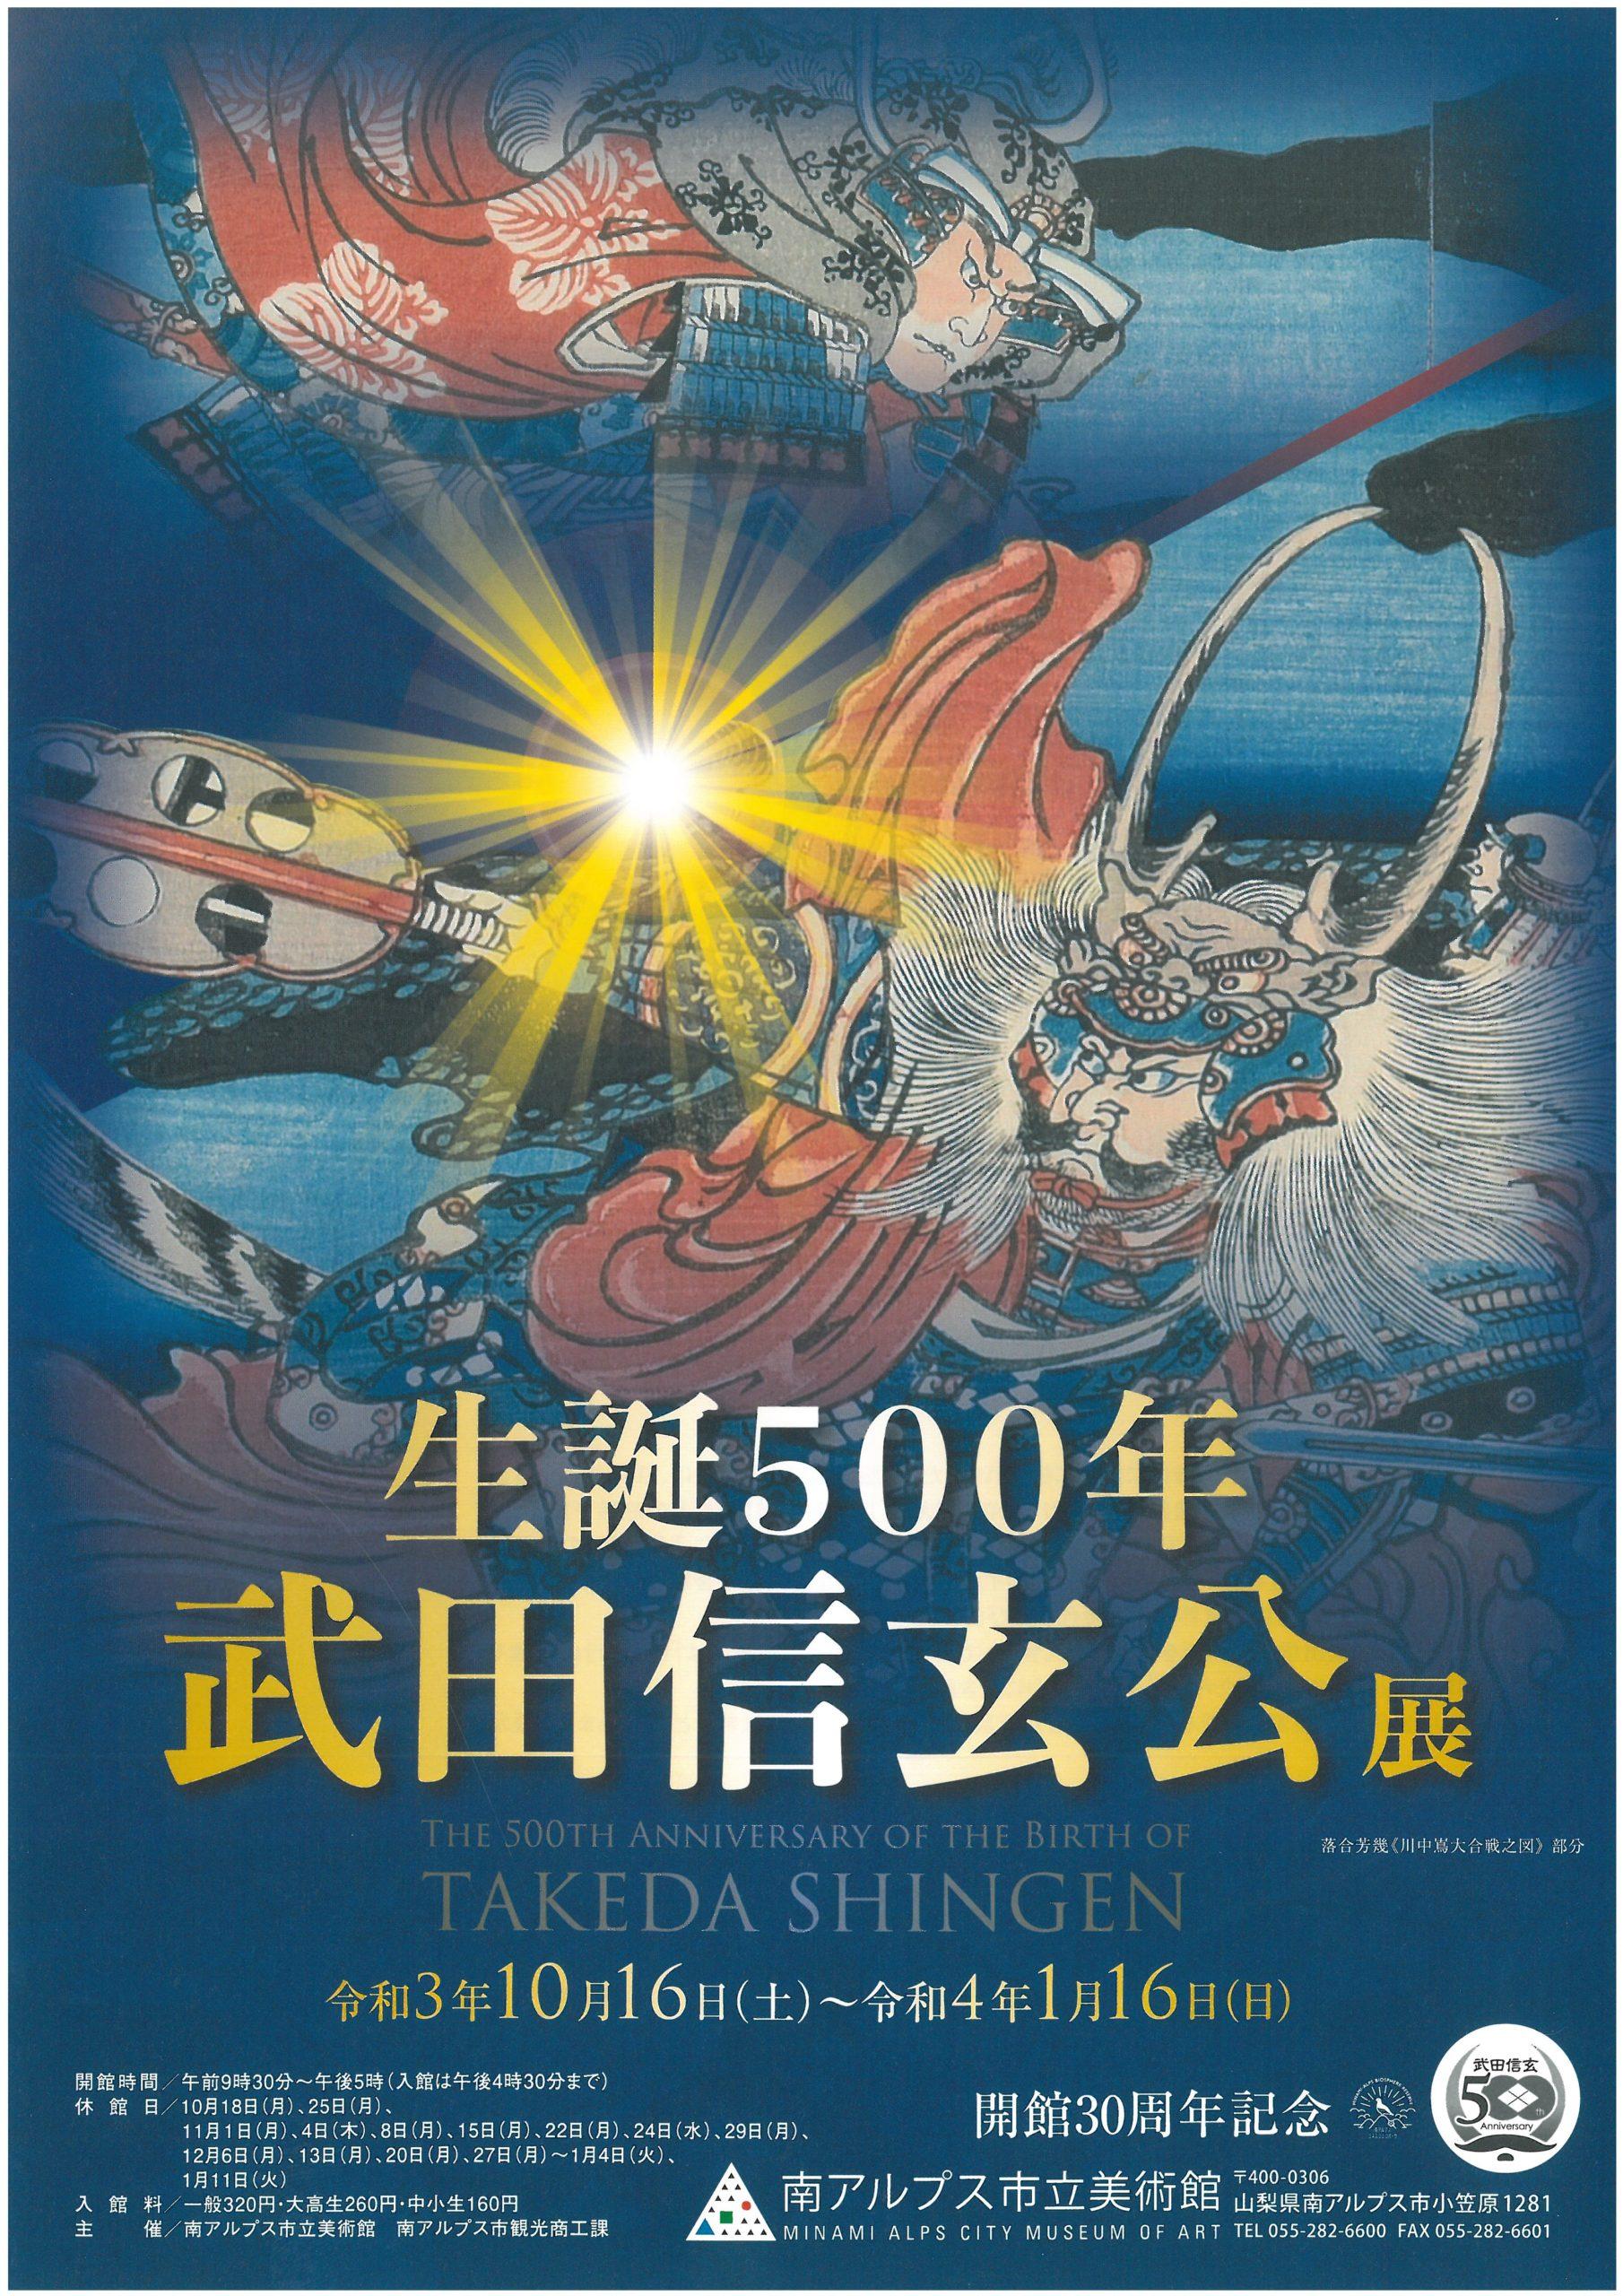 【生誕500年武田信玄公展】南アルプス市立美術館